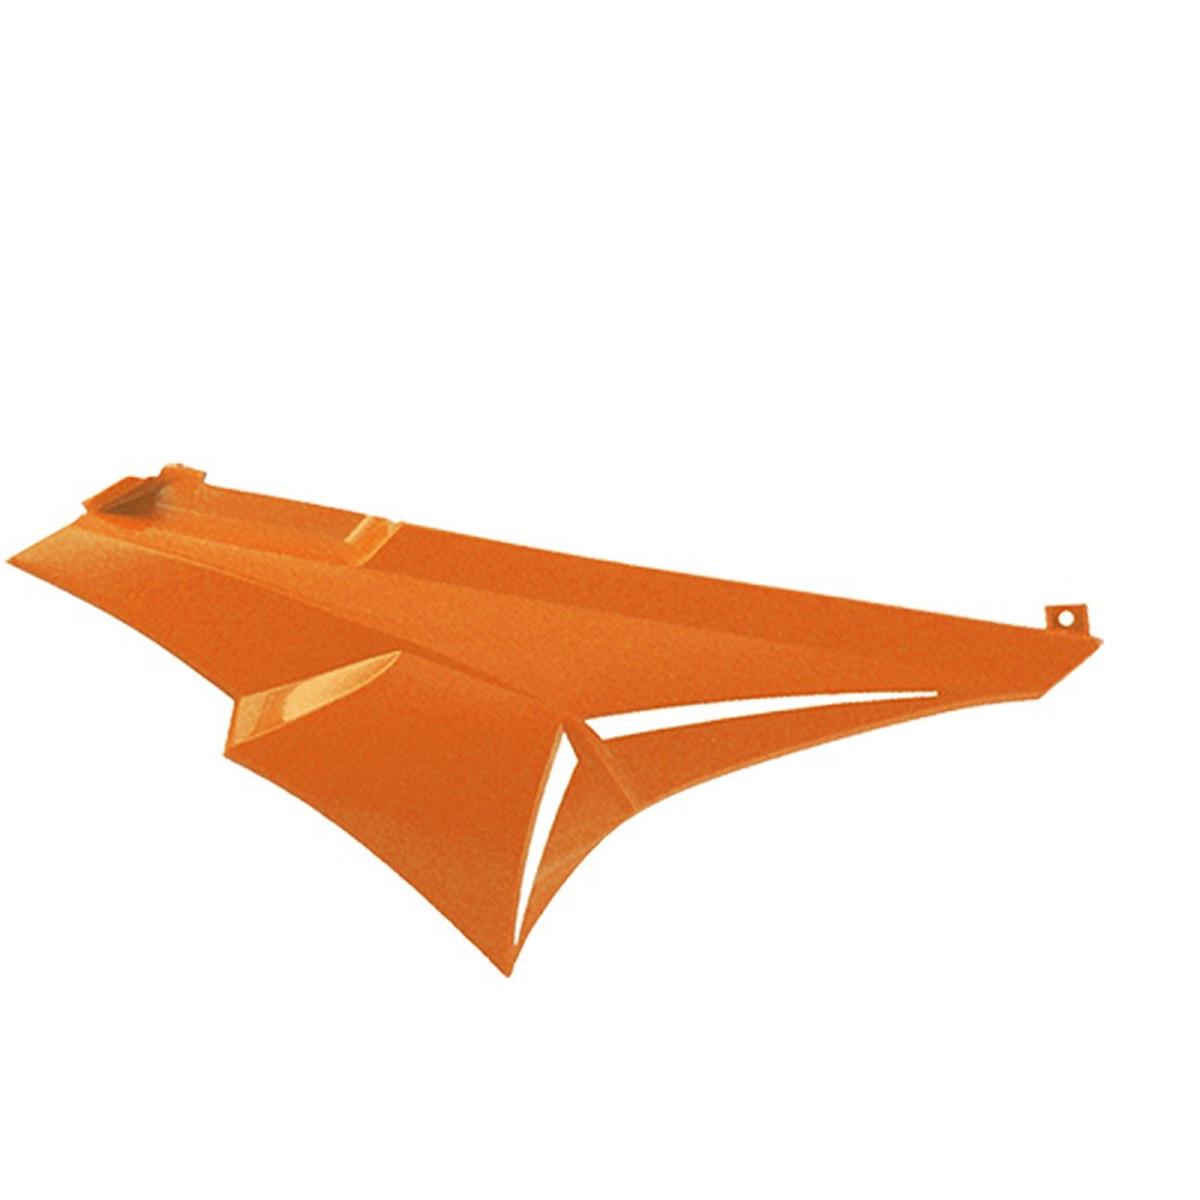 Carénage Arrière Droit DERBI Extreme, Xrace - TNT Orange